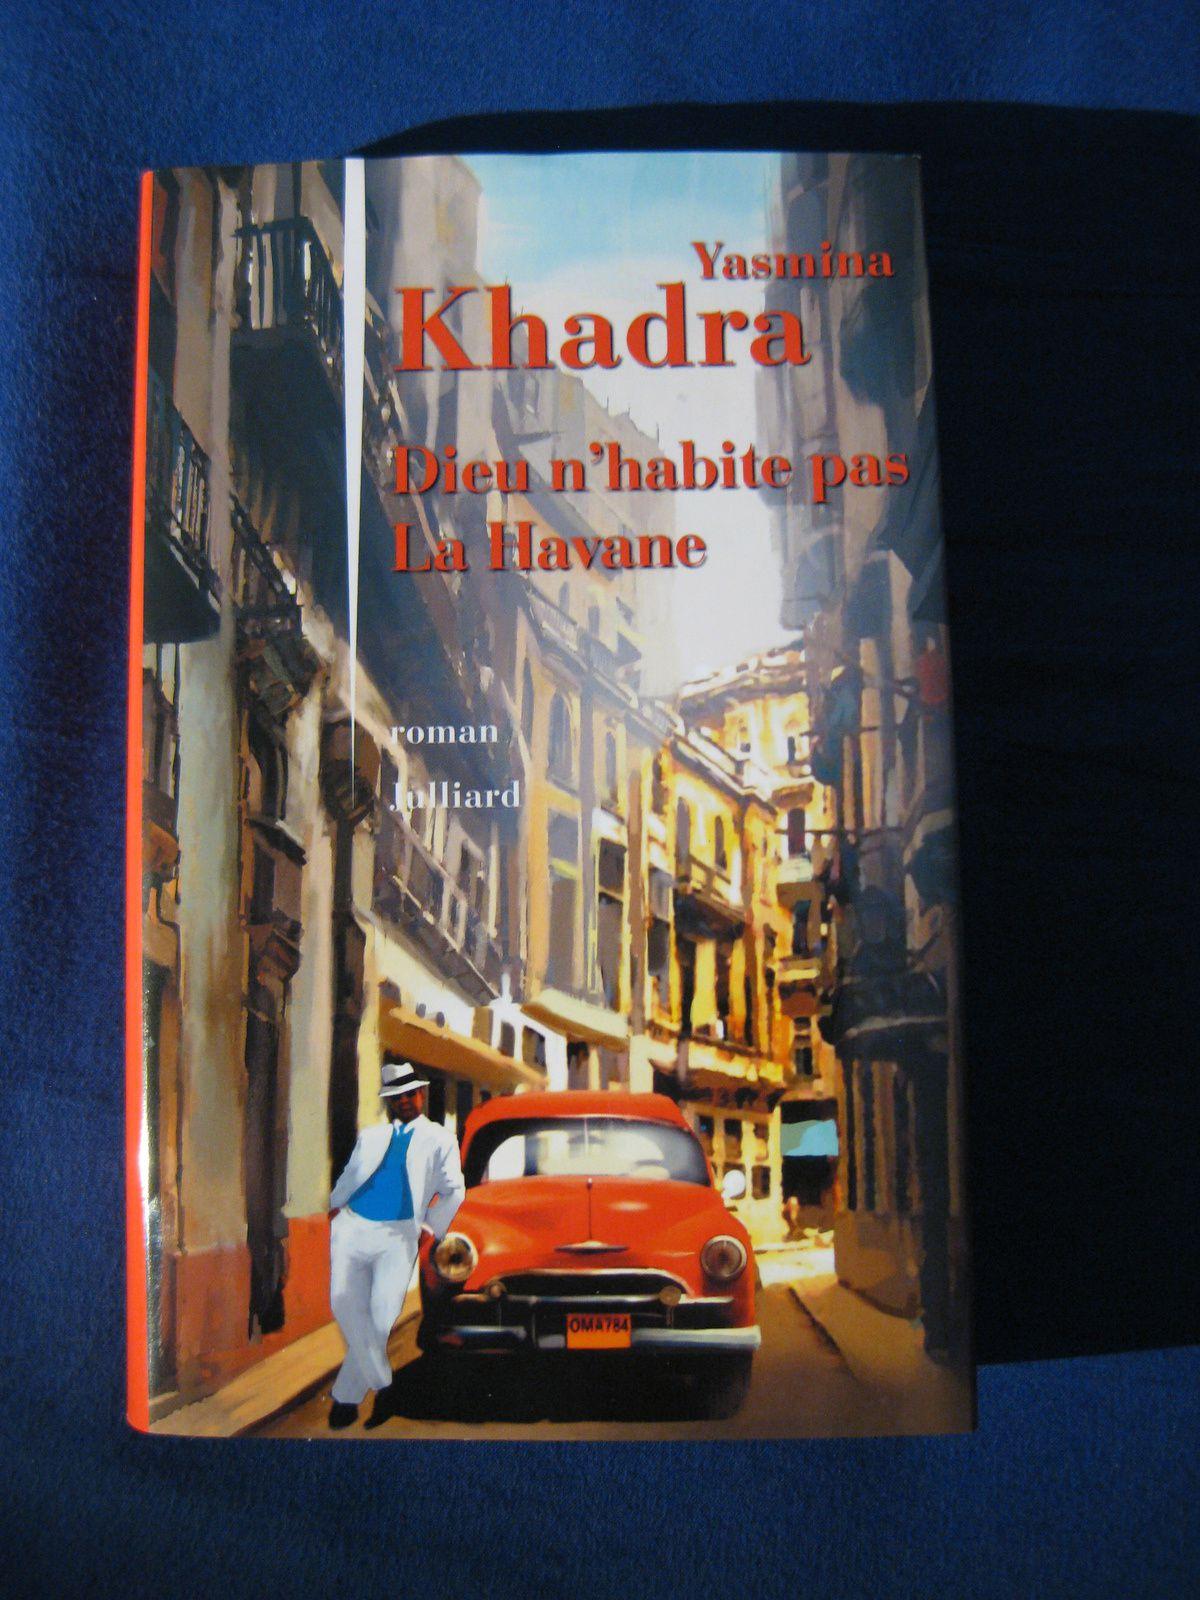 Cuba, Pays aux mille visages ! Dieu n'habite pas La Havane: Yasmina Khadra